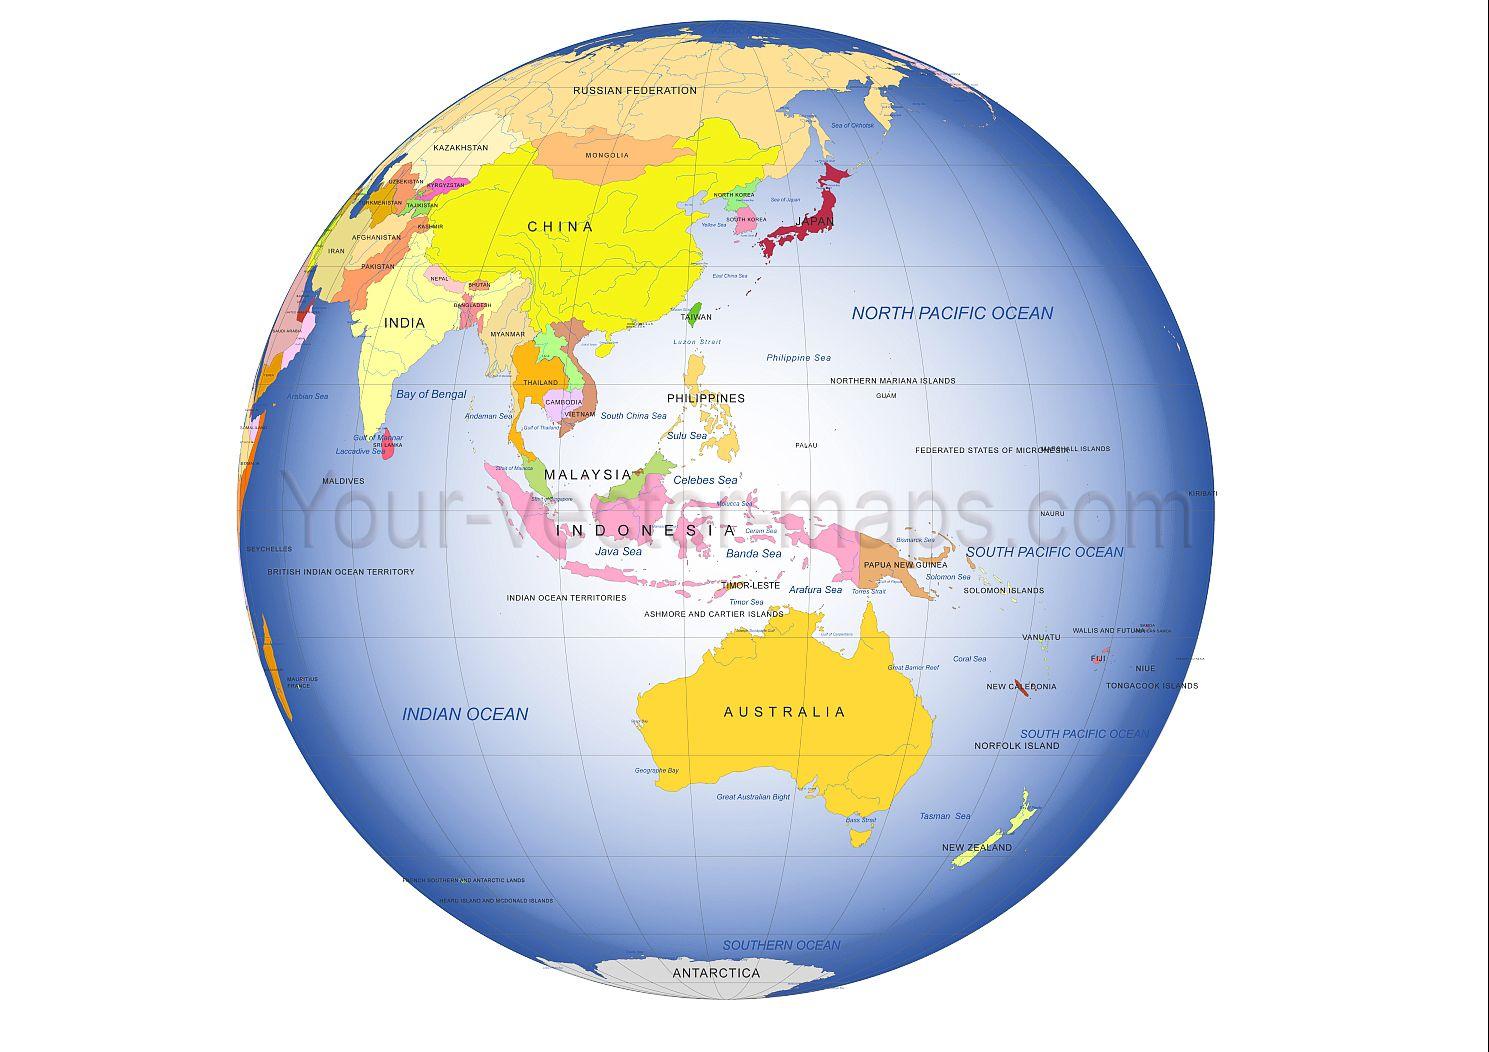 australia centered globe map